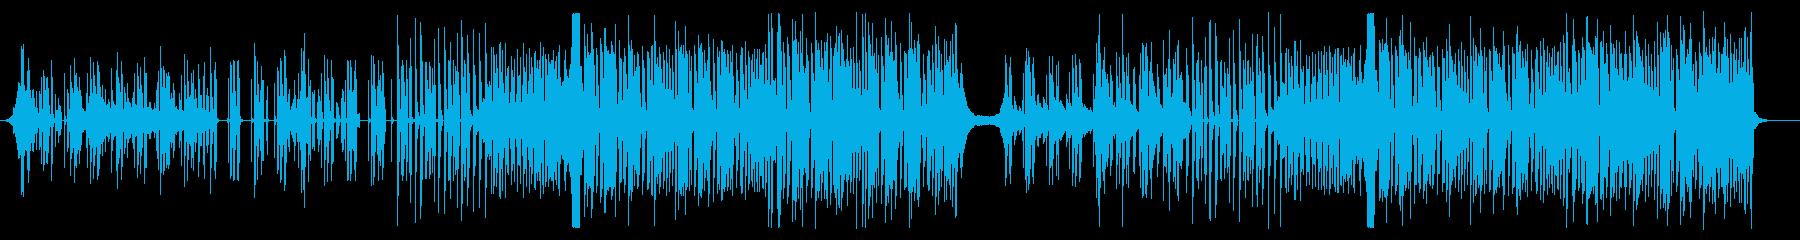 夏の夜の海に合う音楽です。の再生済みの波形